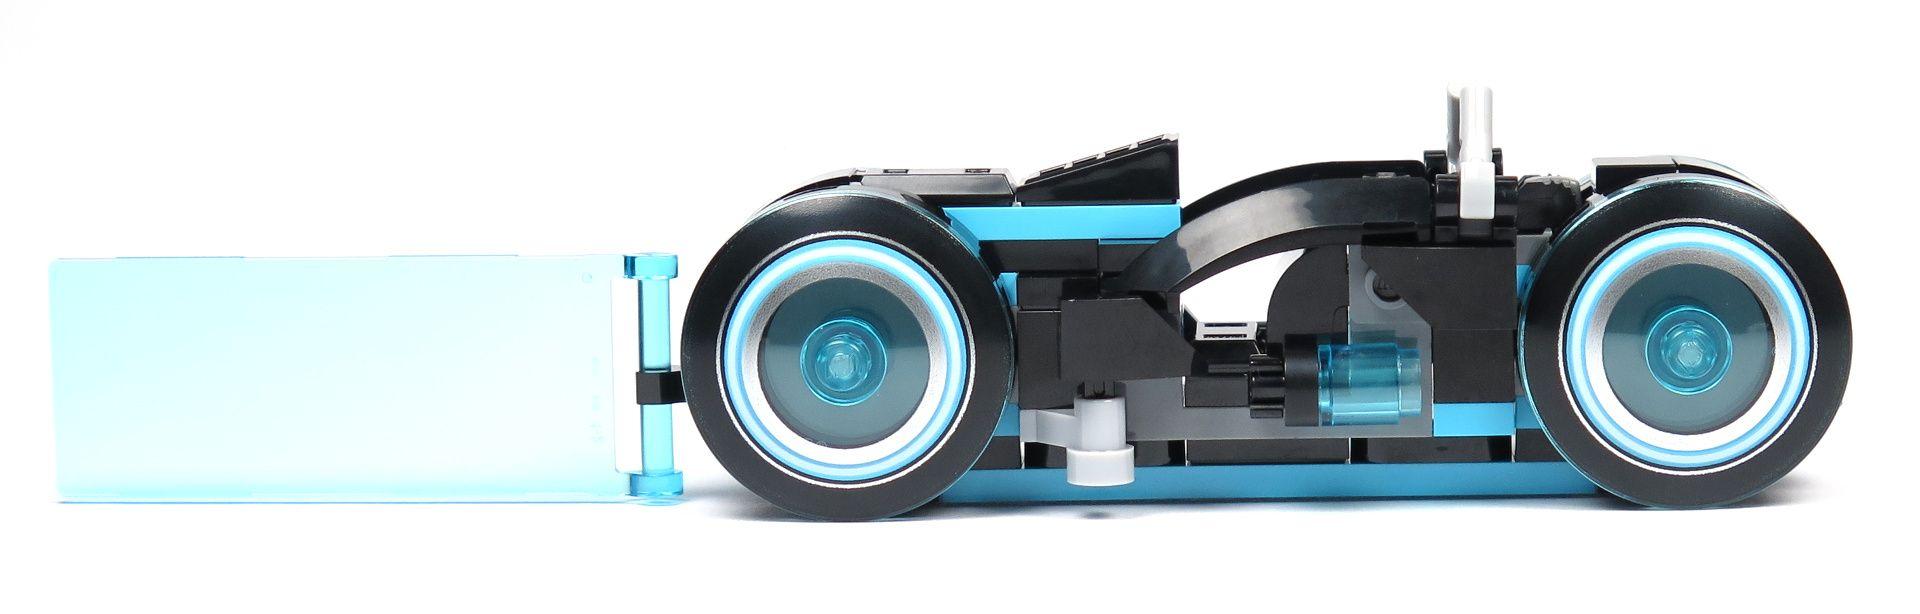 LEGO® Ideas TRON: Legacy (21314) - blauer Lichtrenner, rechte Seite | ©2018 Brickzeit